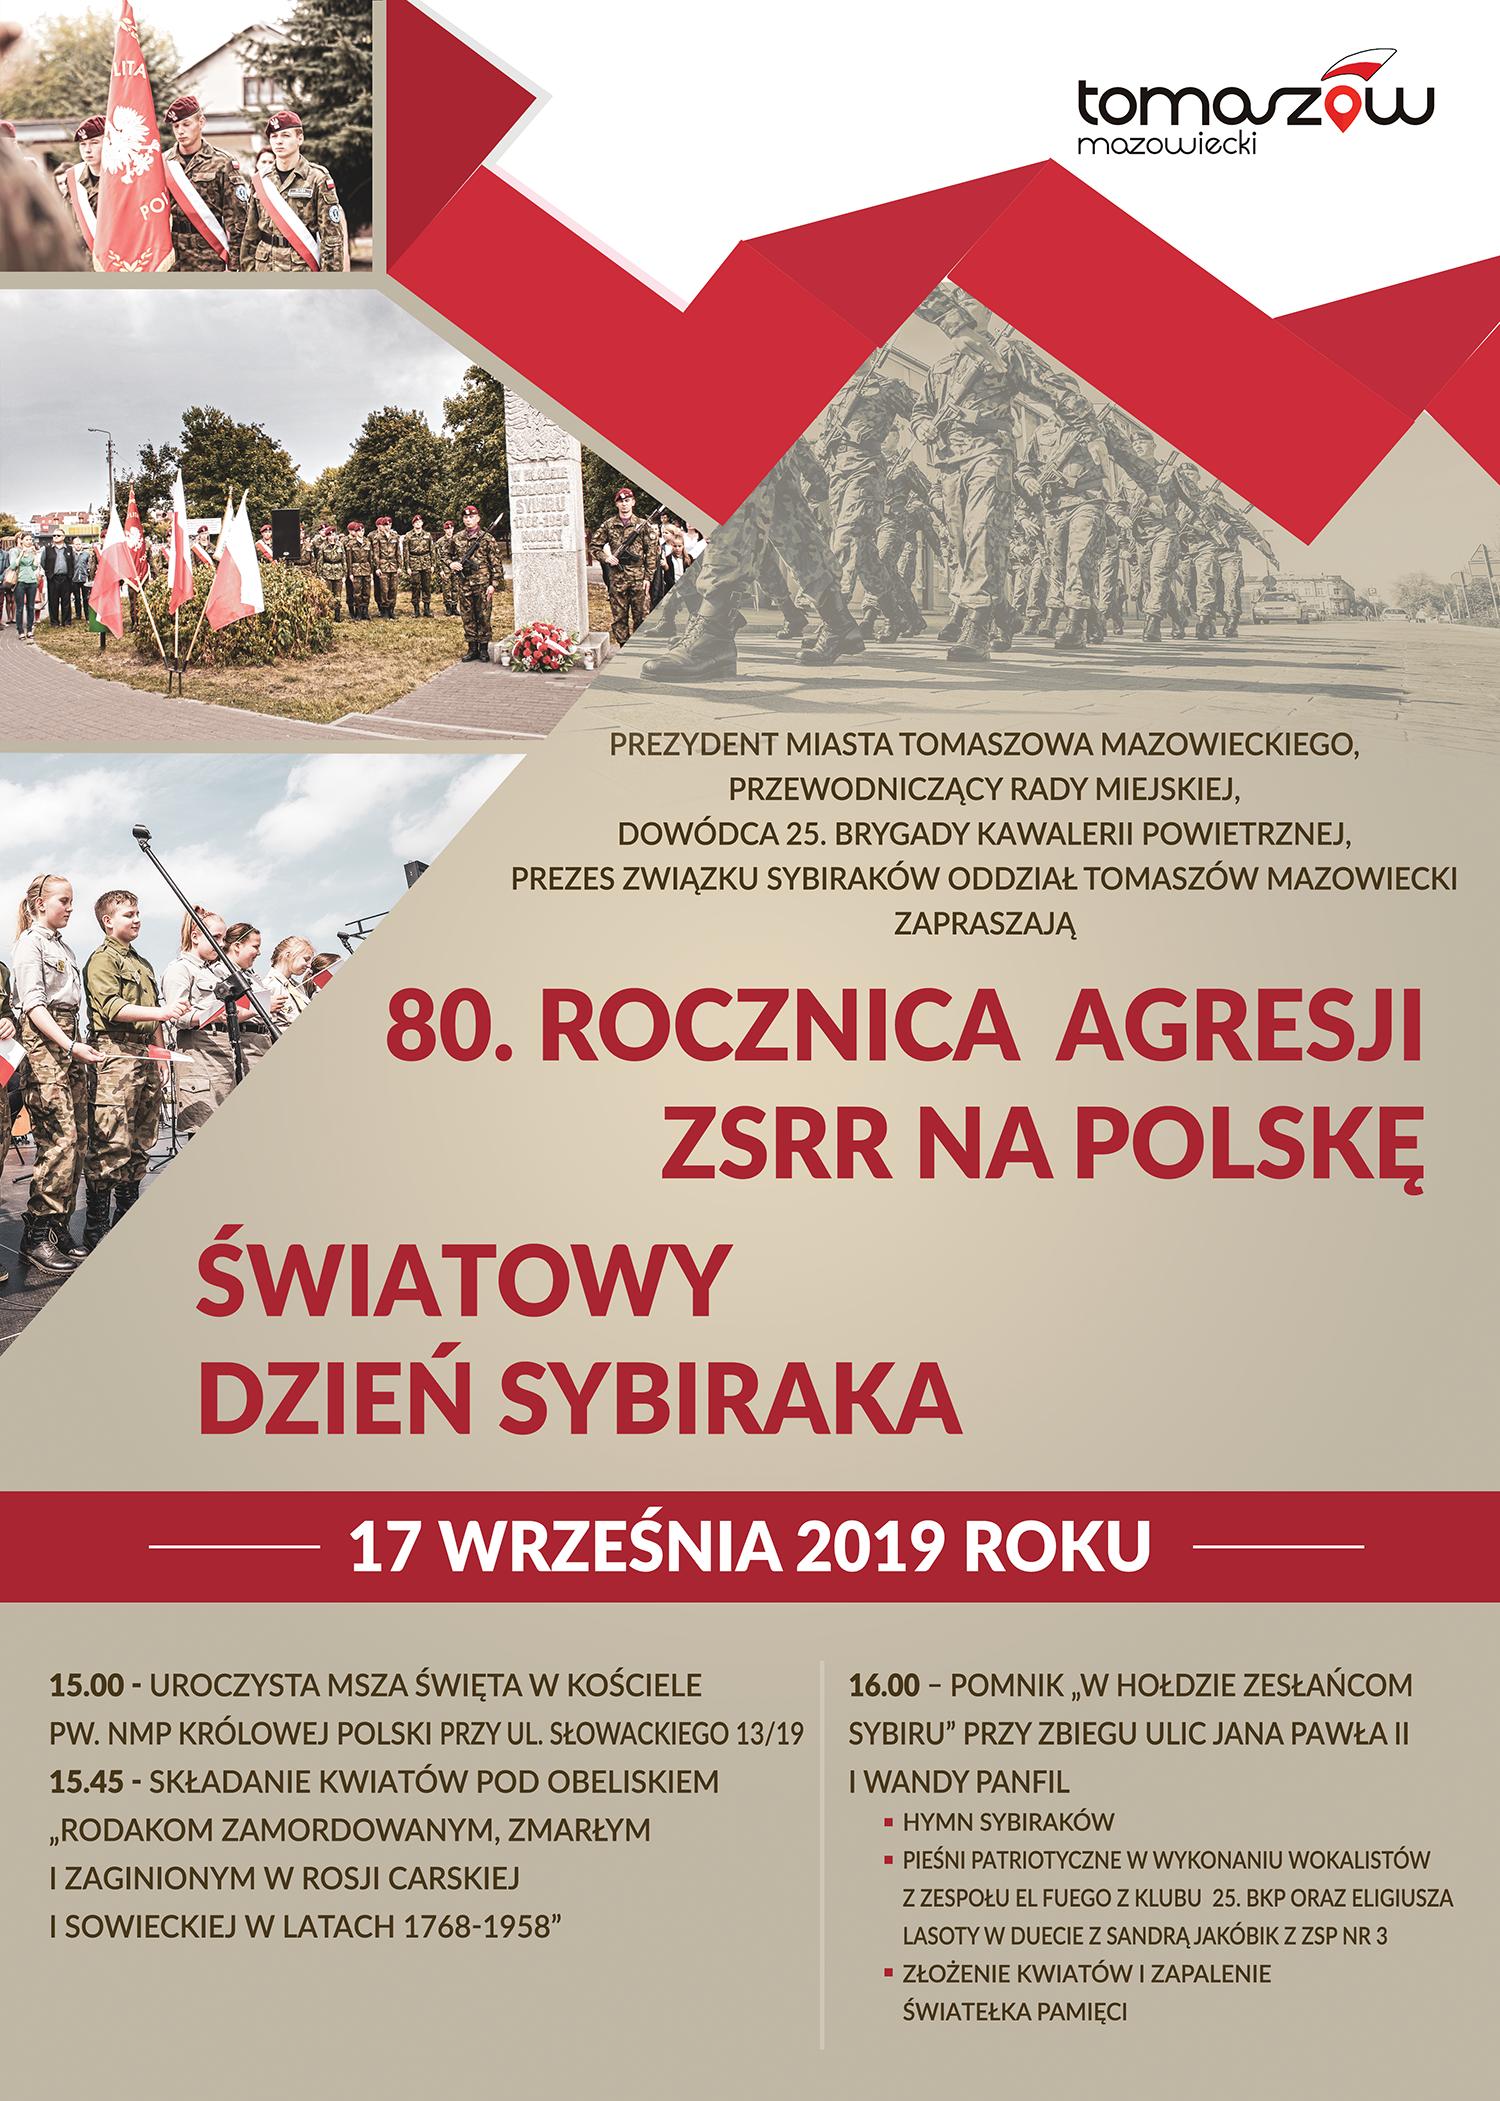 plakat uroczystości patriotycznych wrzesien 2019